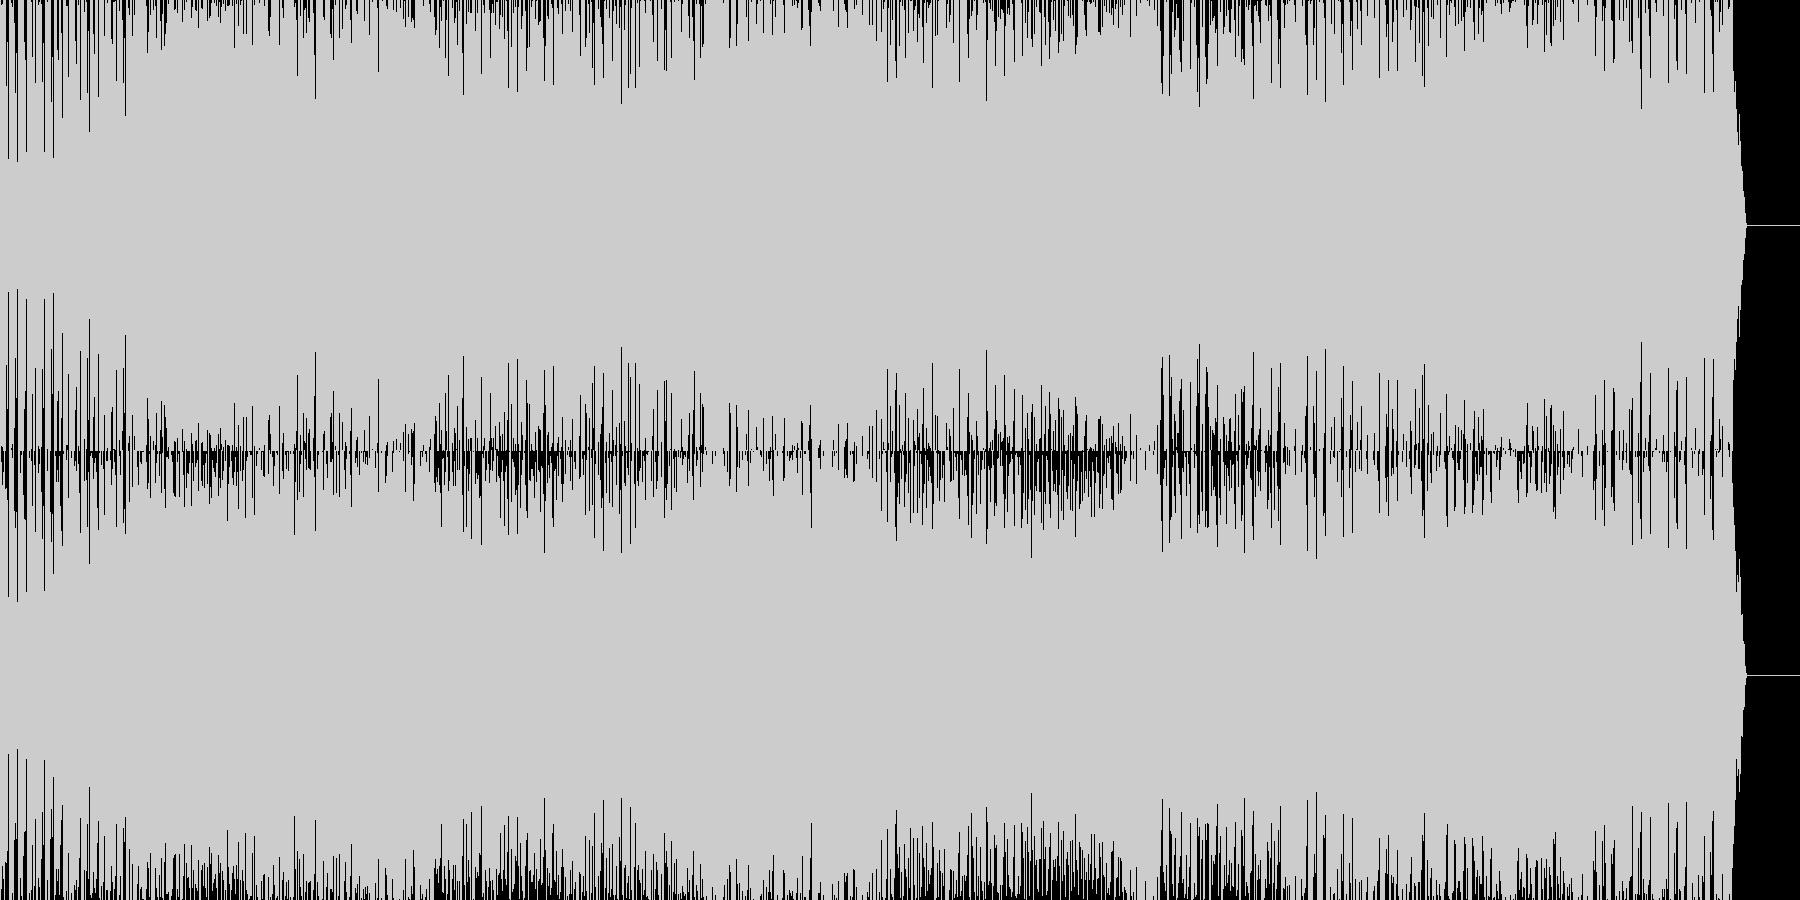 激しいテクノ・ハウス刺激的なオープニングの未再生の波形